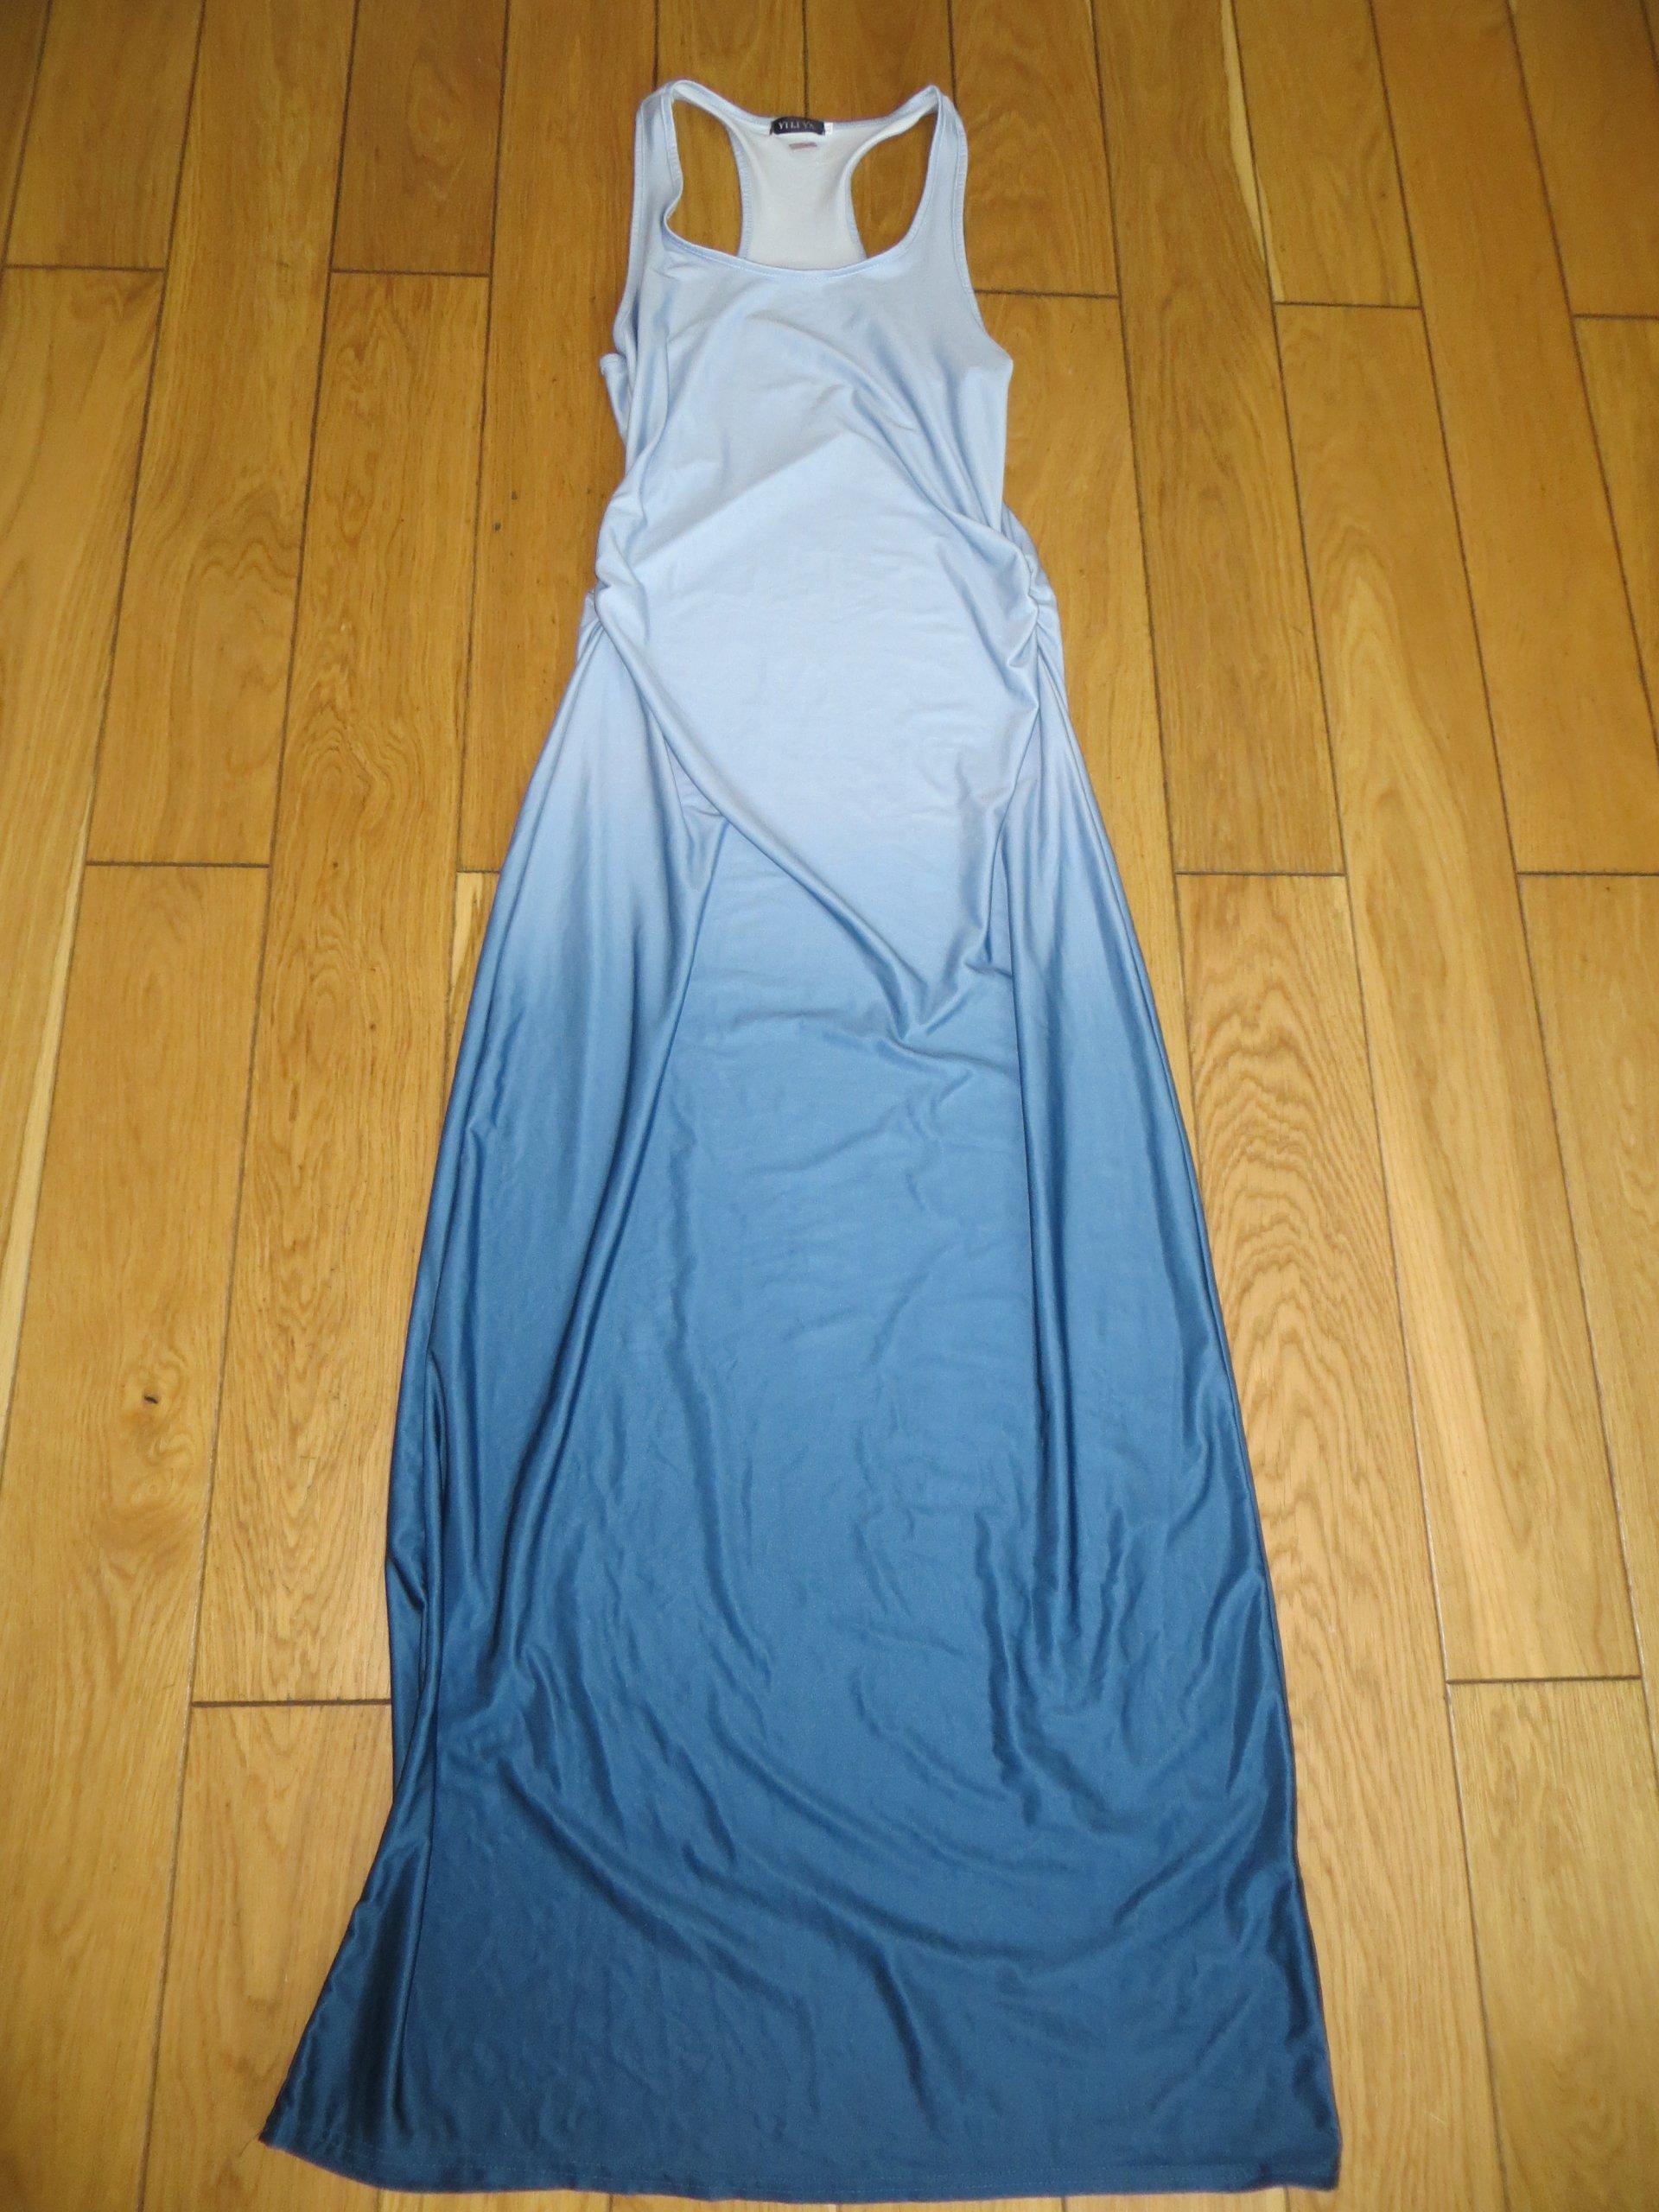 c0def9d162 Sukienka damska OMBRE rozmiar 42 - 7357006115 - oficjalne archiwum ...